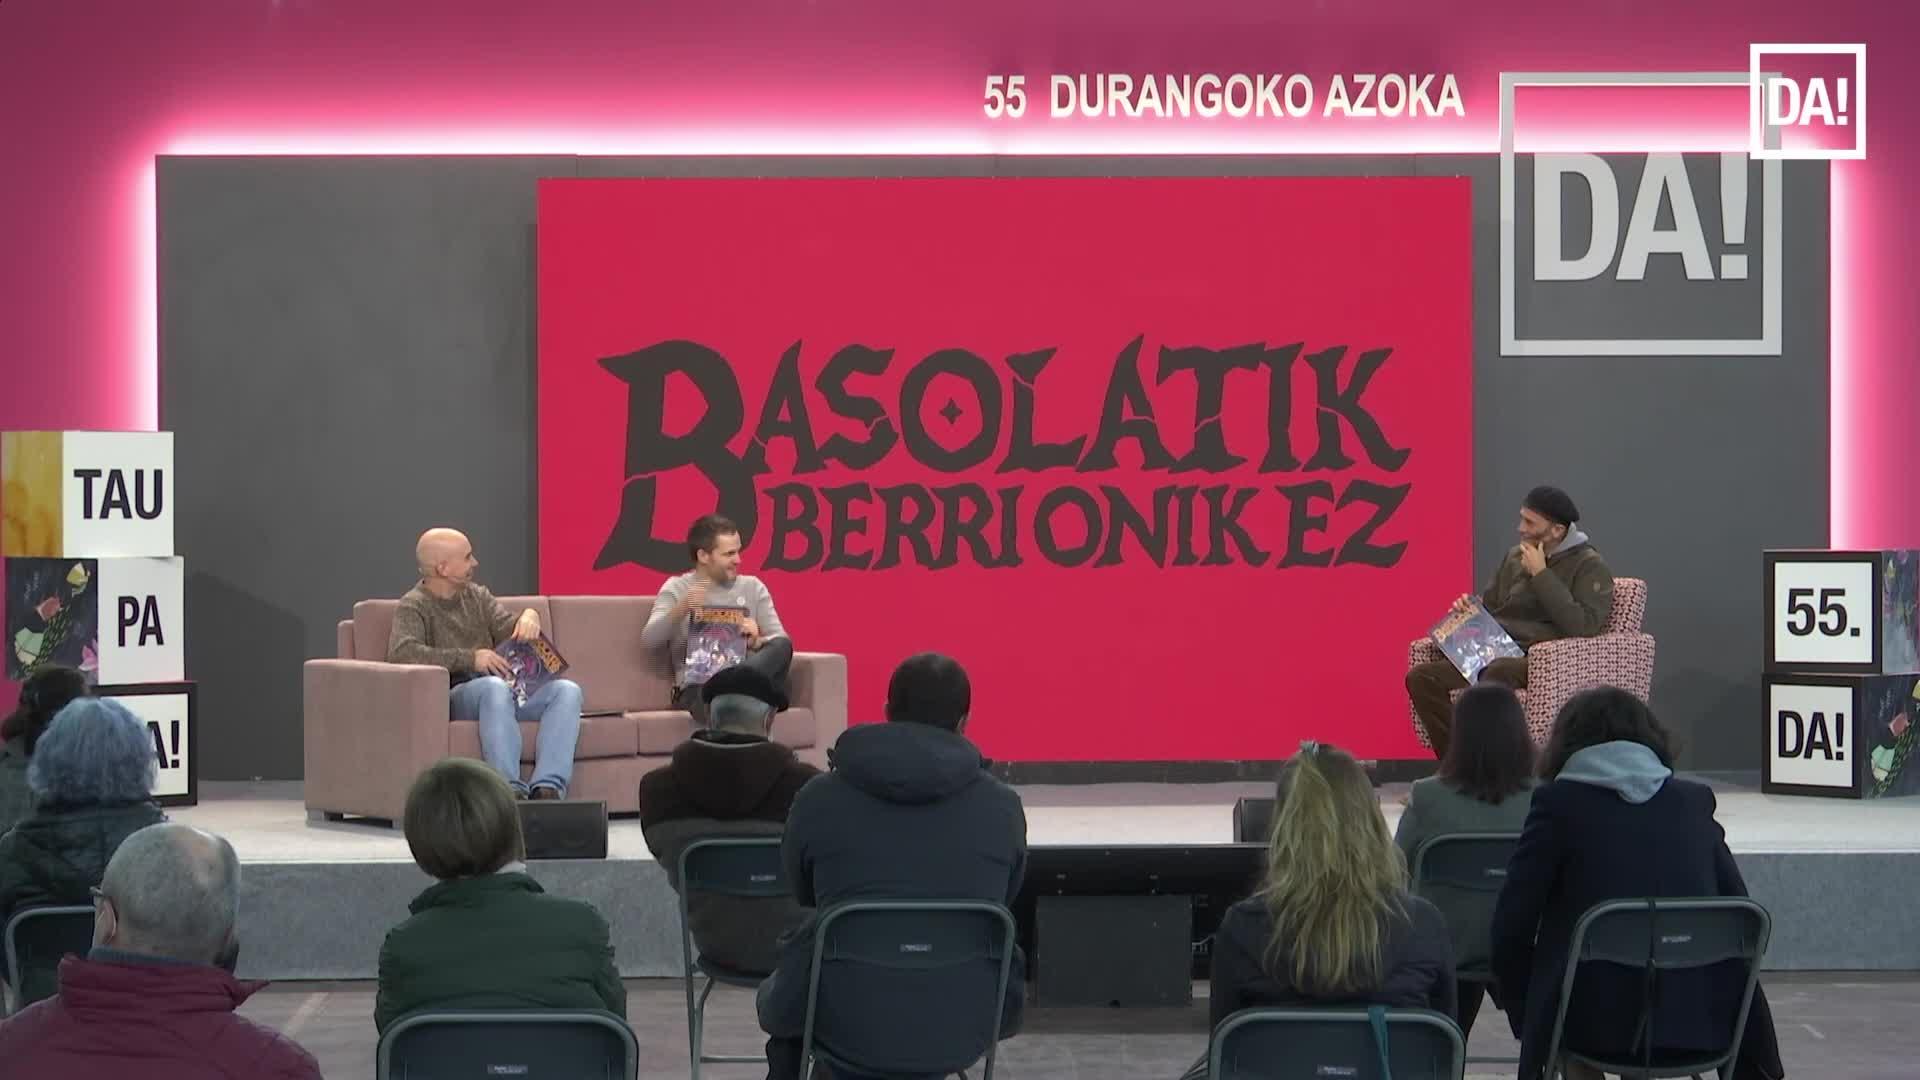 Asisko Urmeneta + Joseba Larratxe